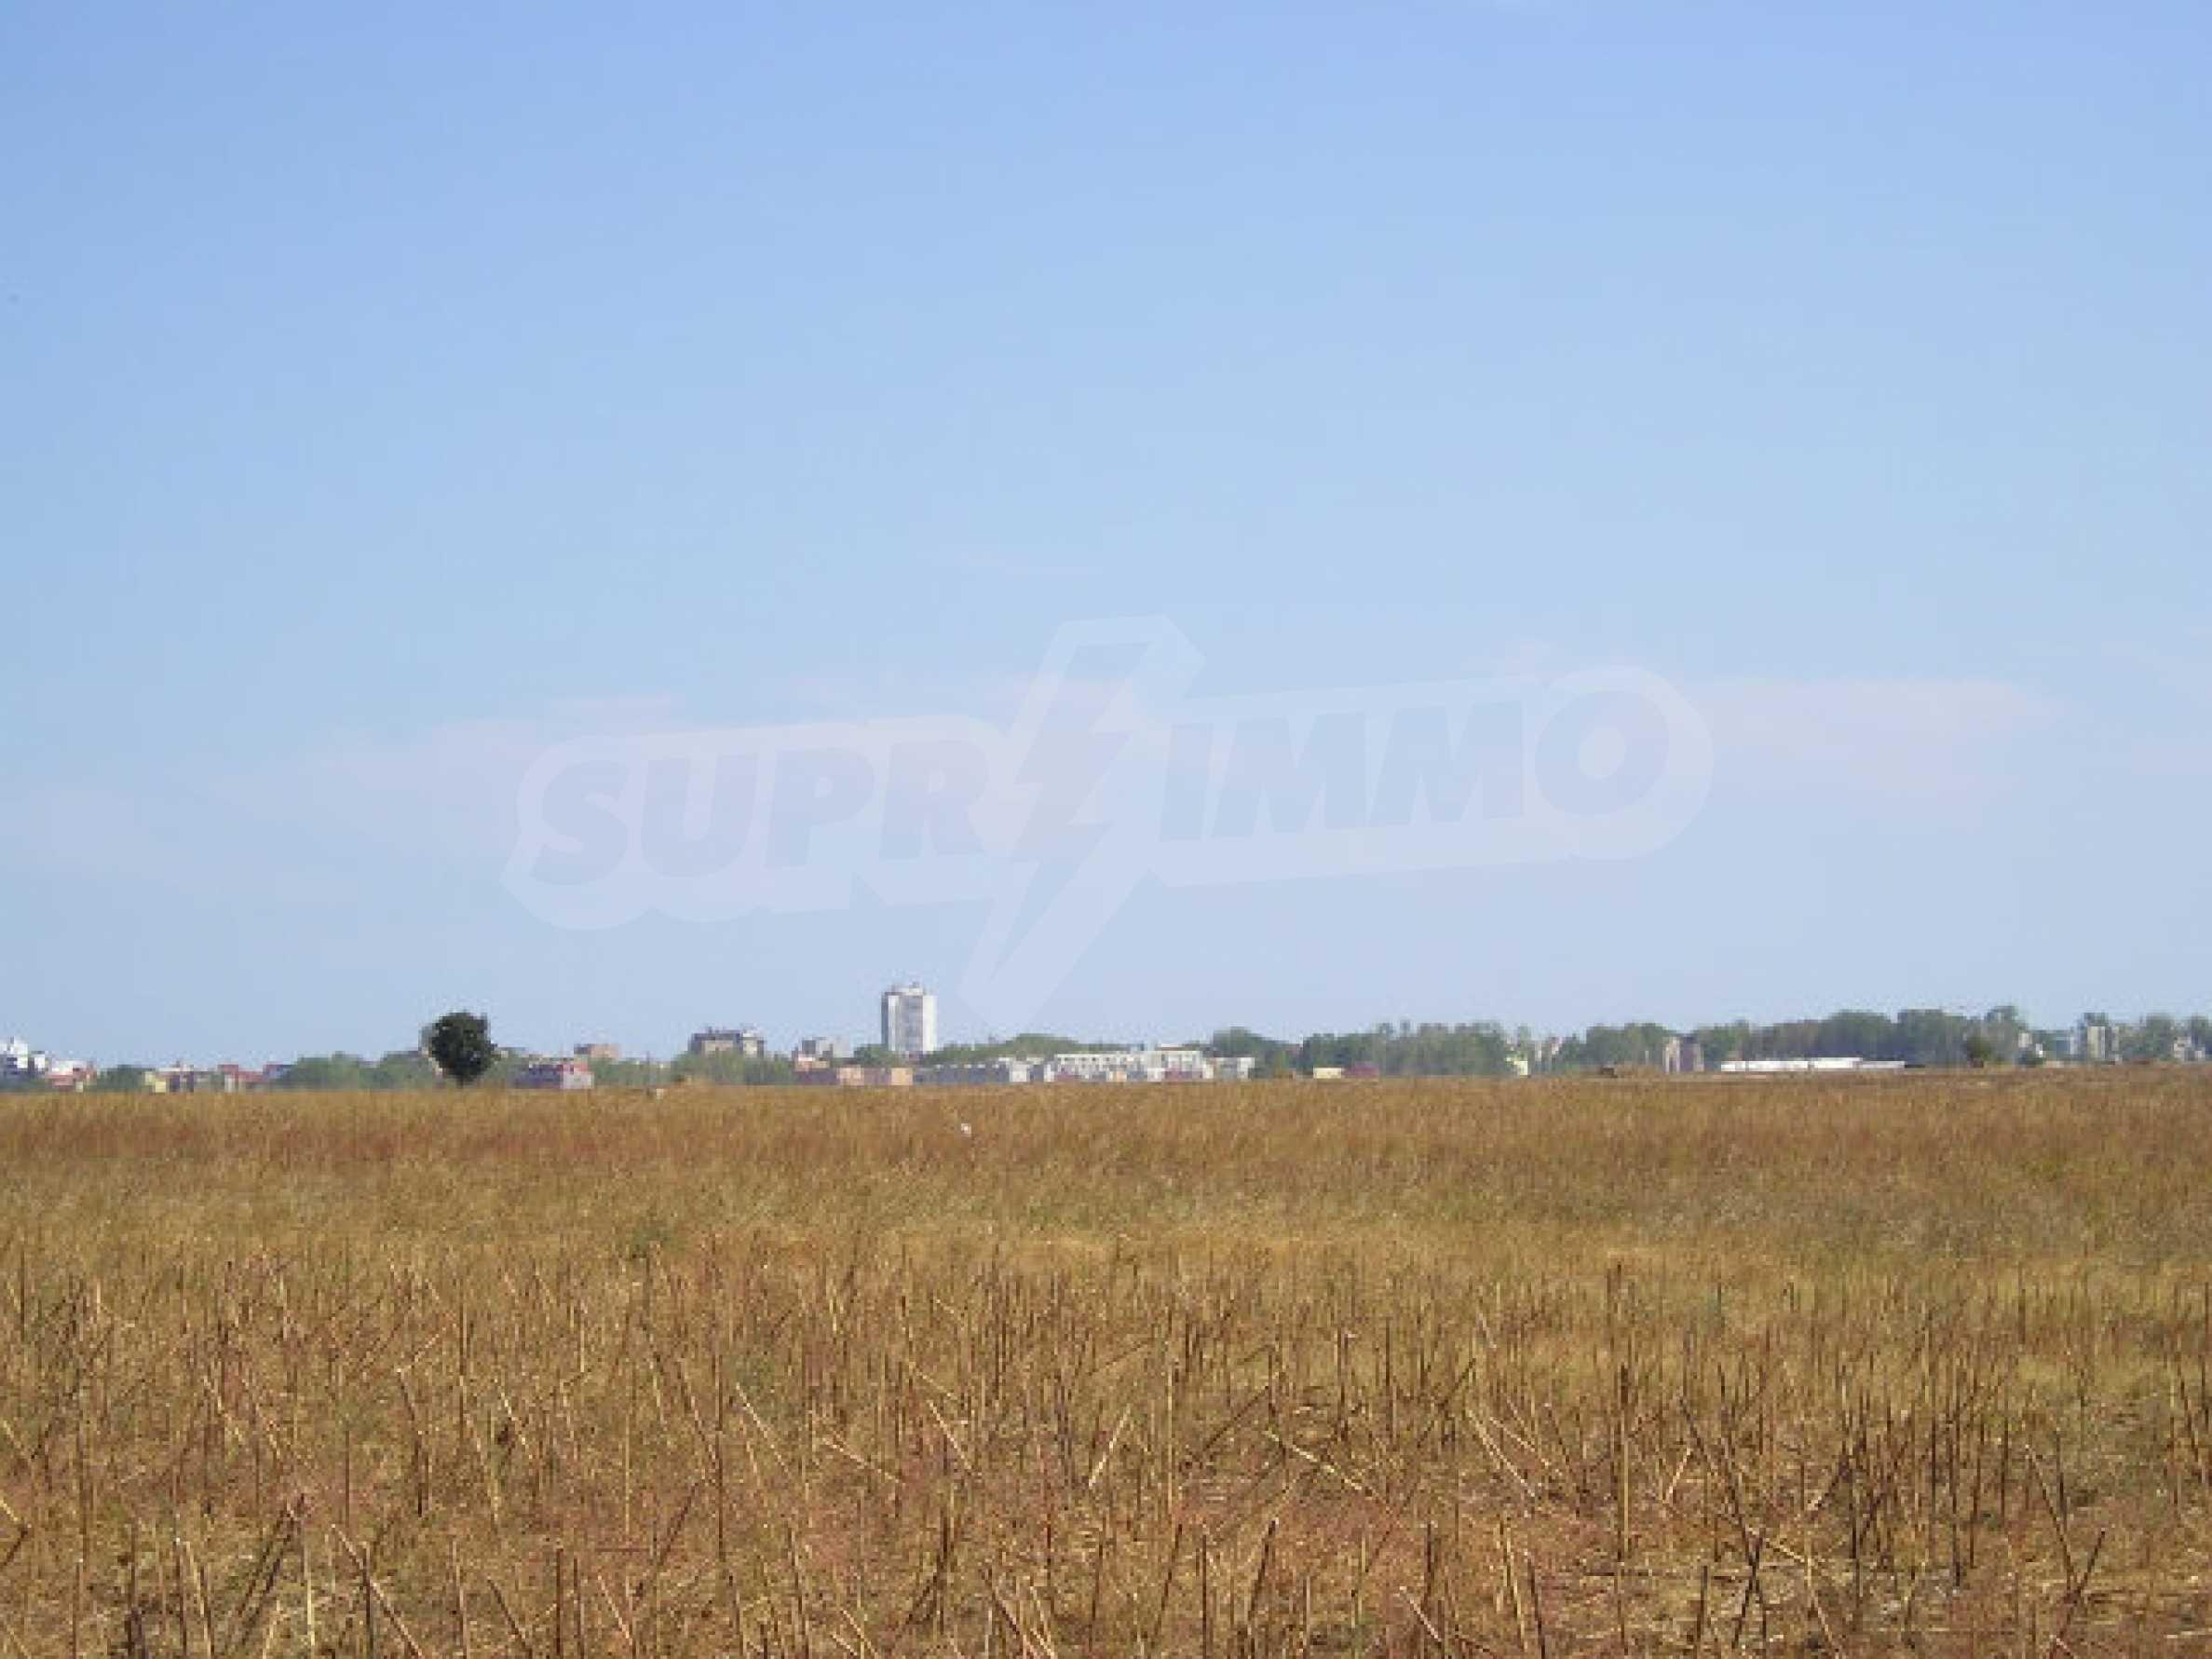 Bauland zum Verkauf in der Nähe von Sonnenstrand 4